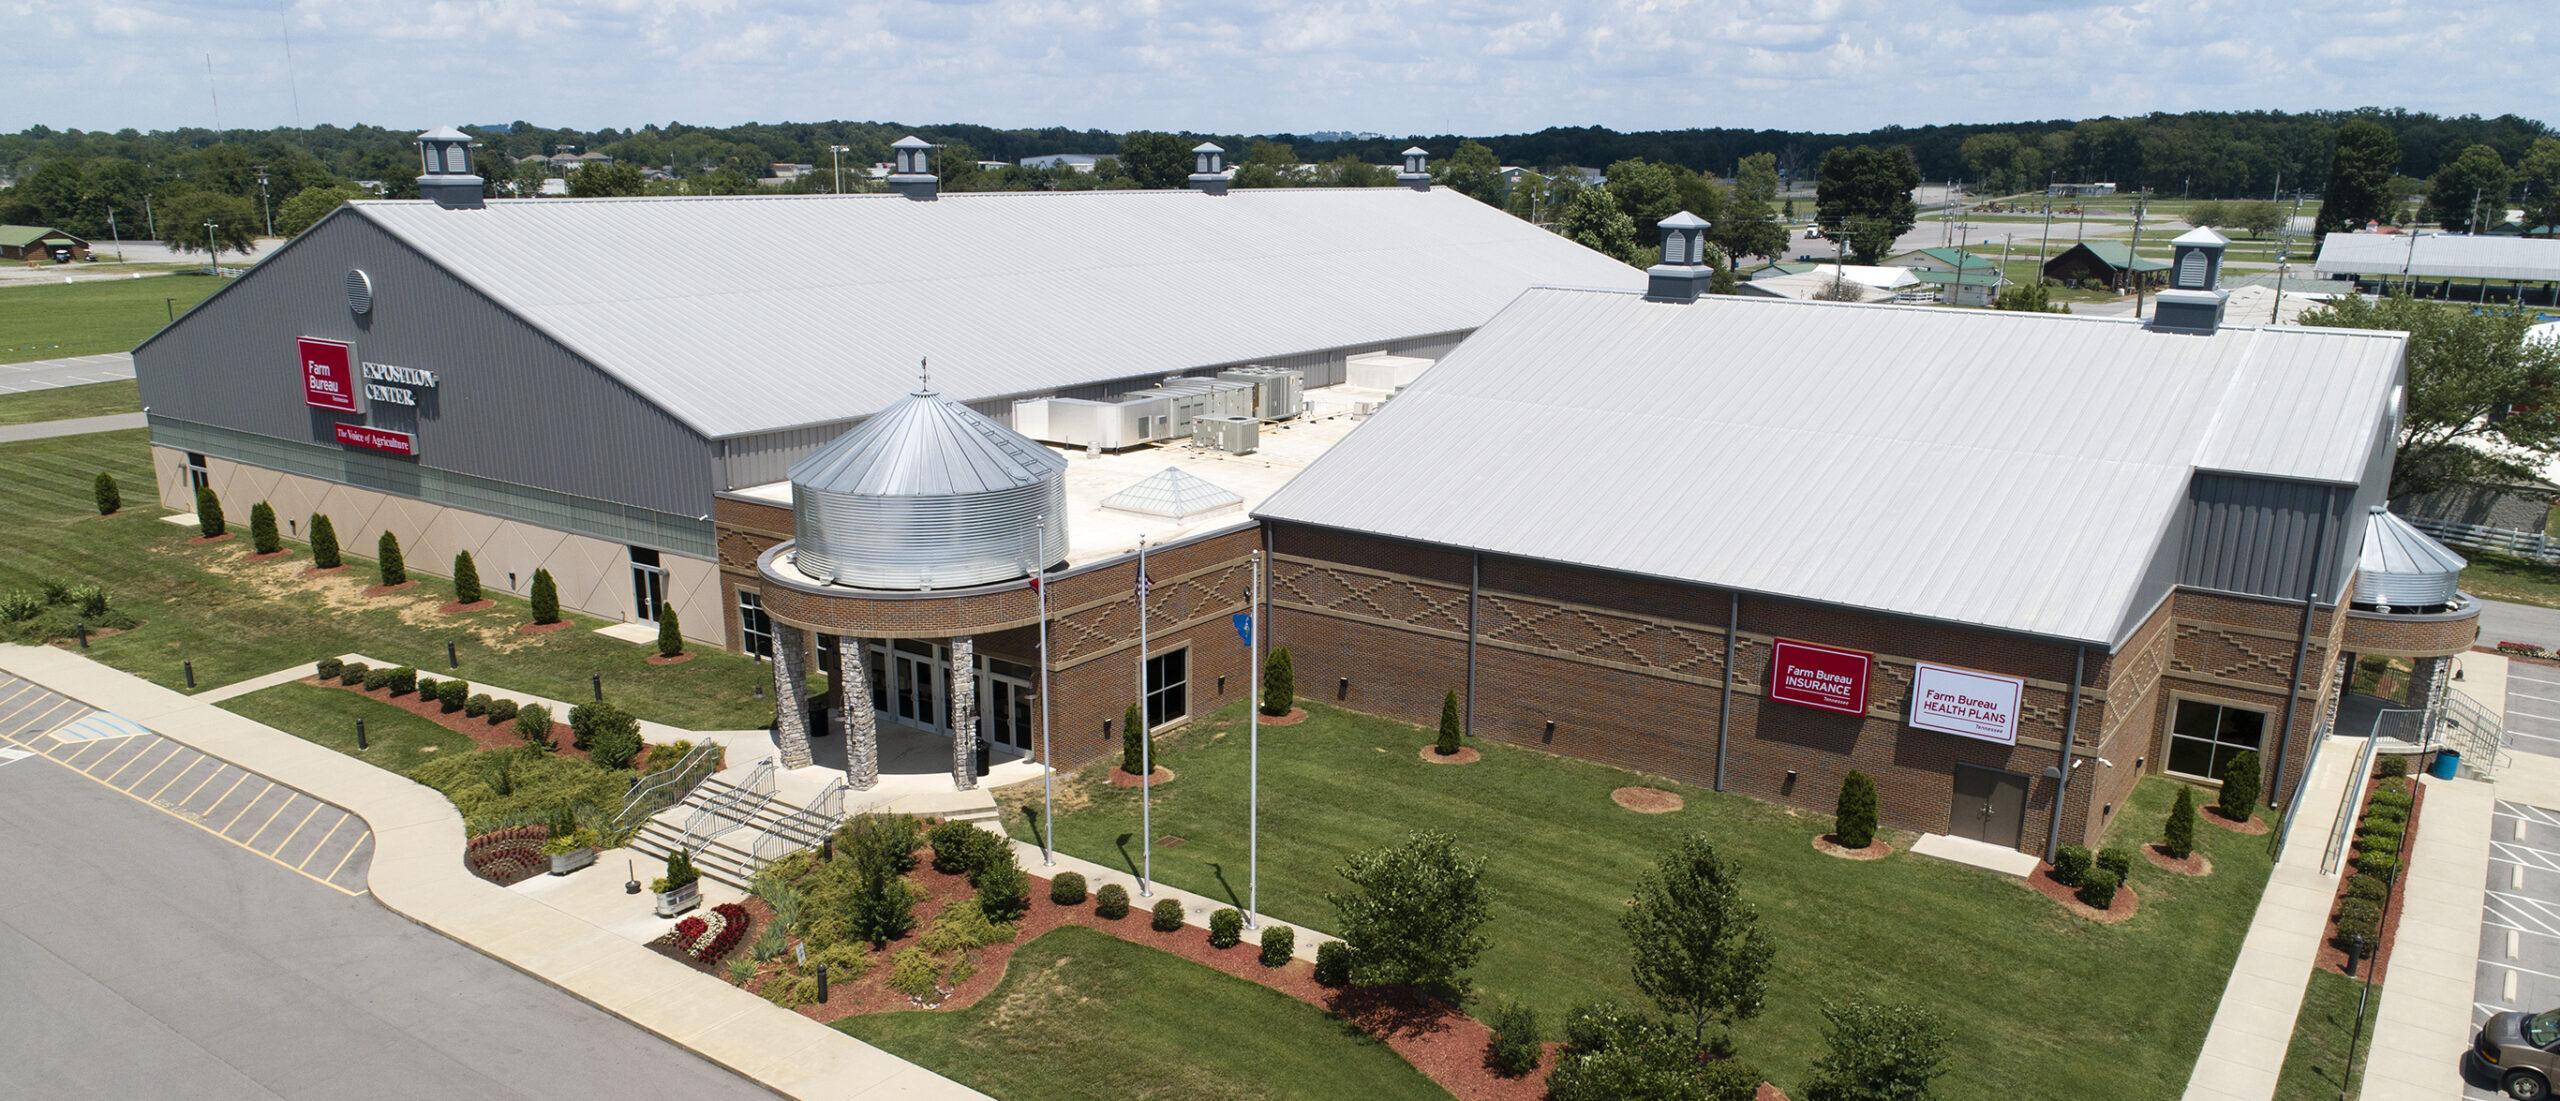 Wilson County Expo Center